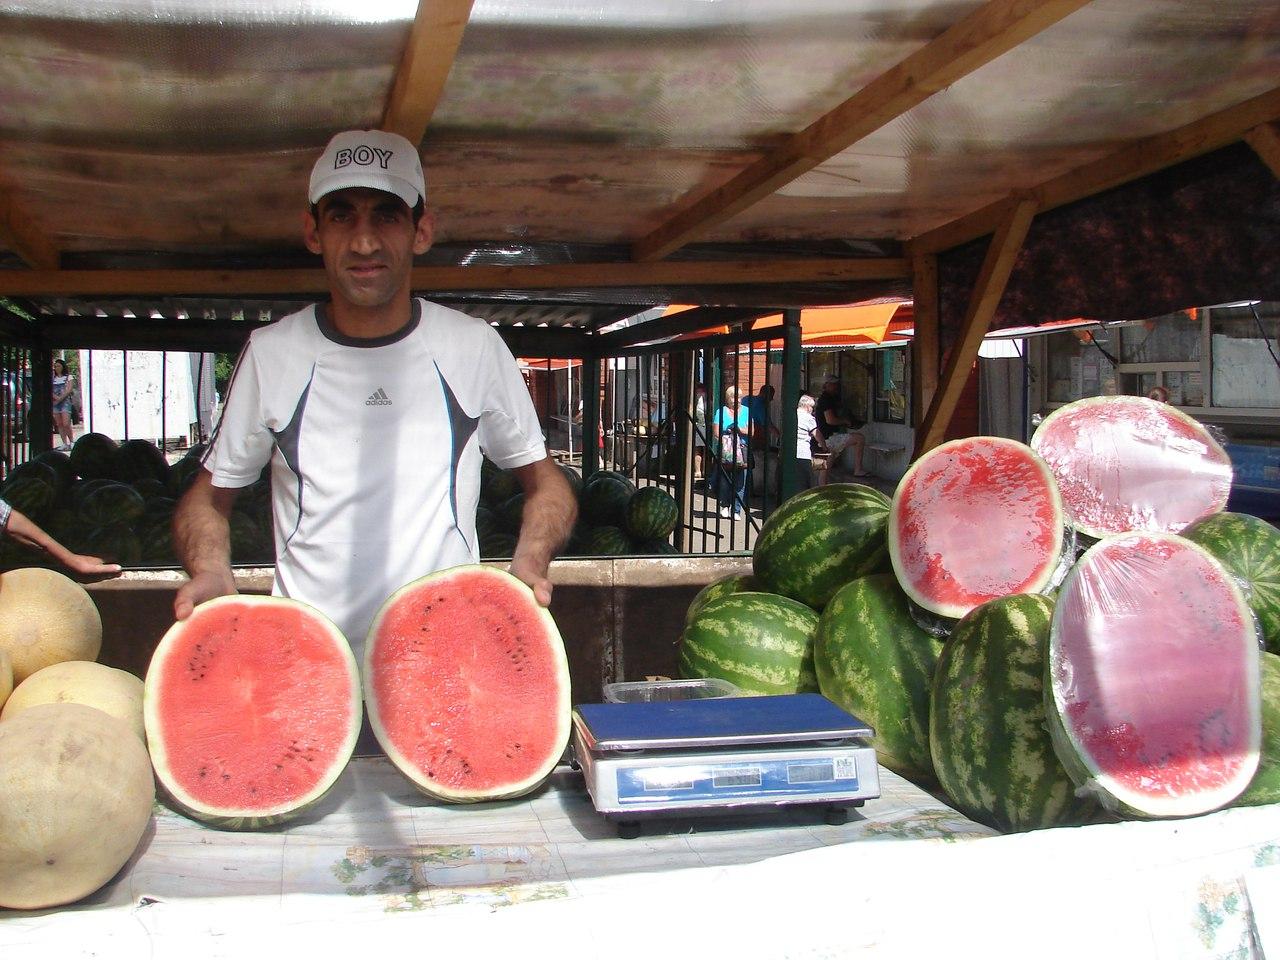 Продавец арбузов в Чепецке: о высоких ценах на рынке, правильном выборе и нарушениях